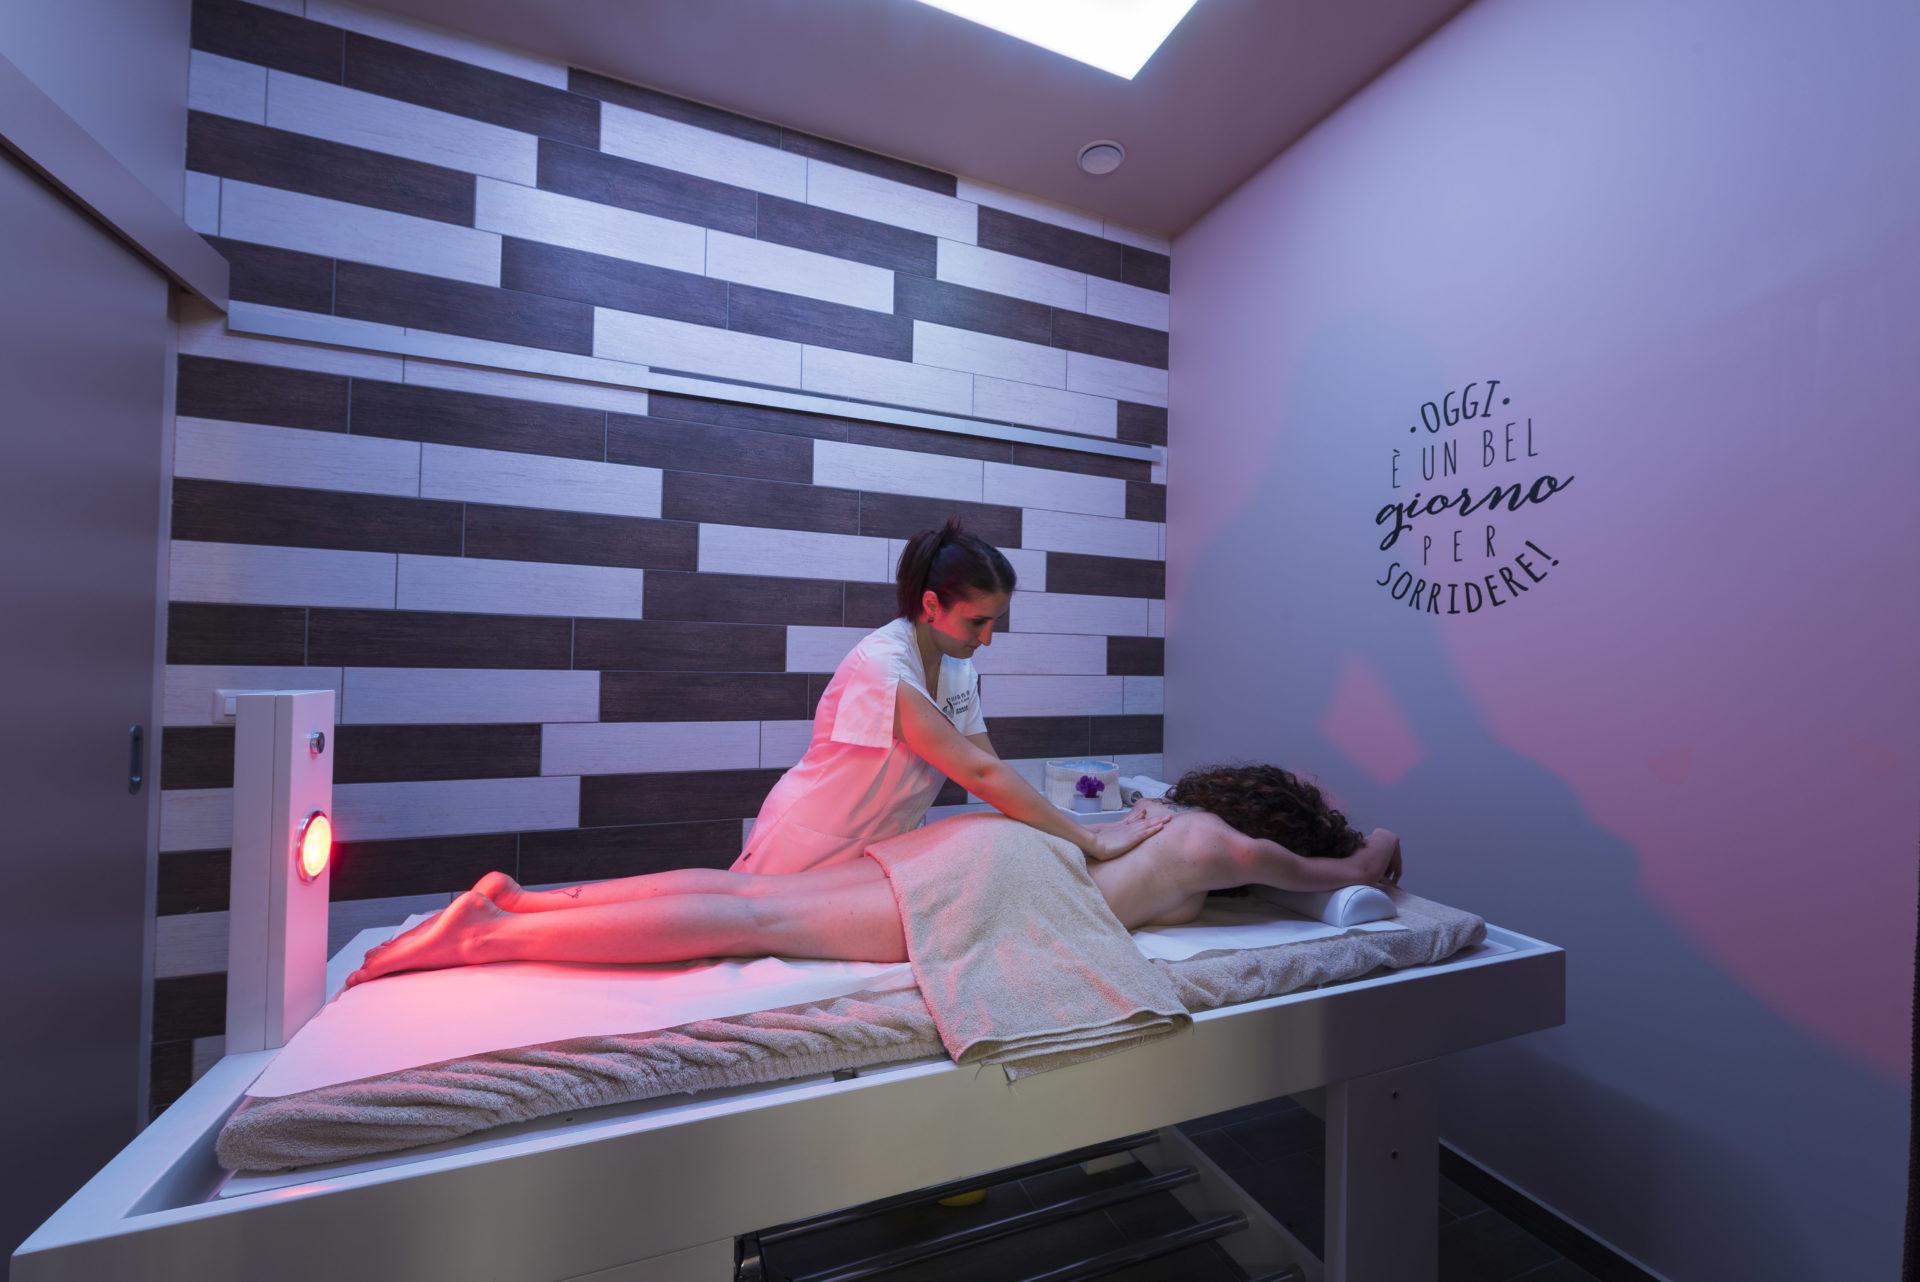 Centro massaggi Torino centro estetico Silvana Beauty Center Torino